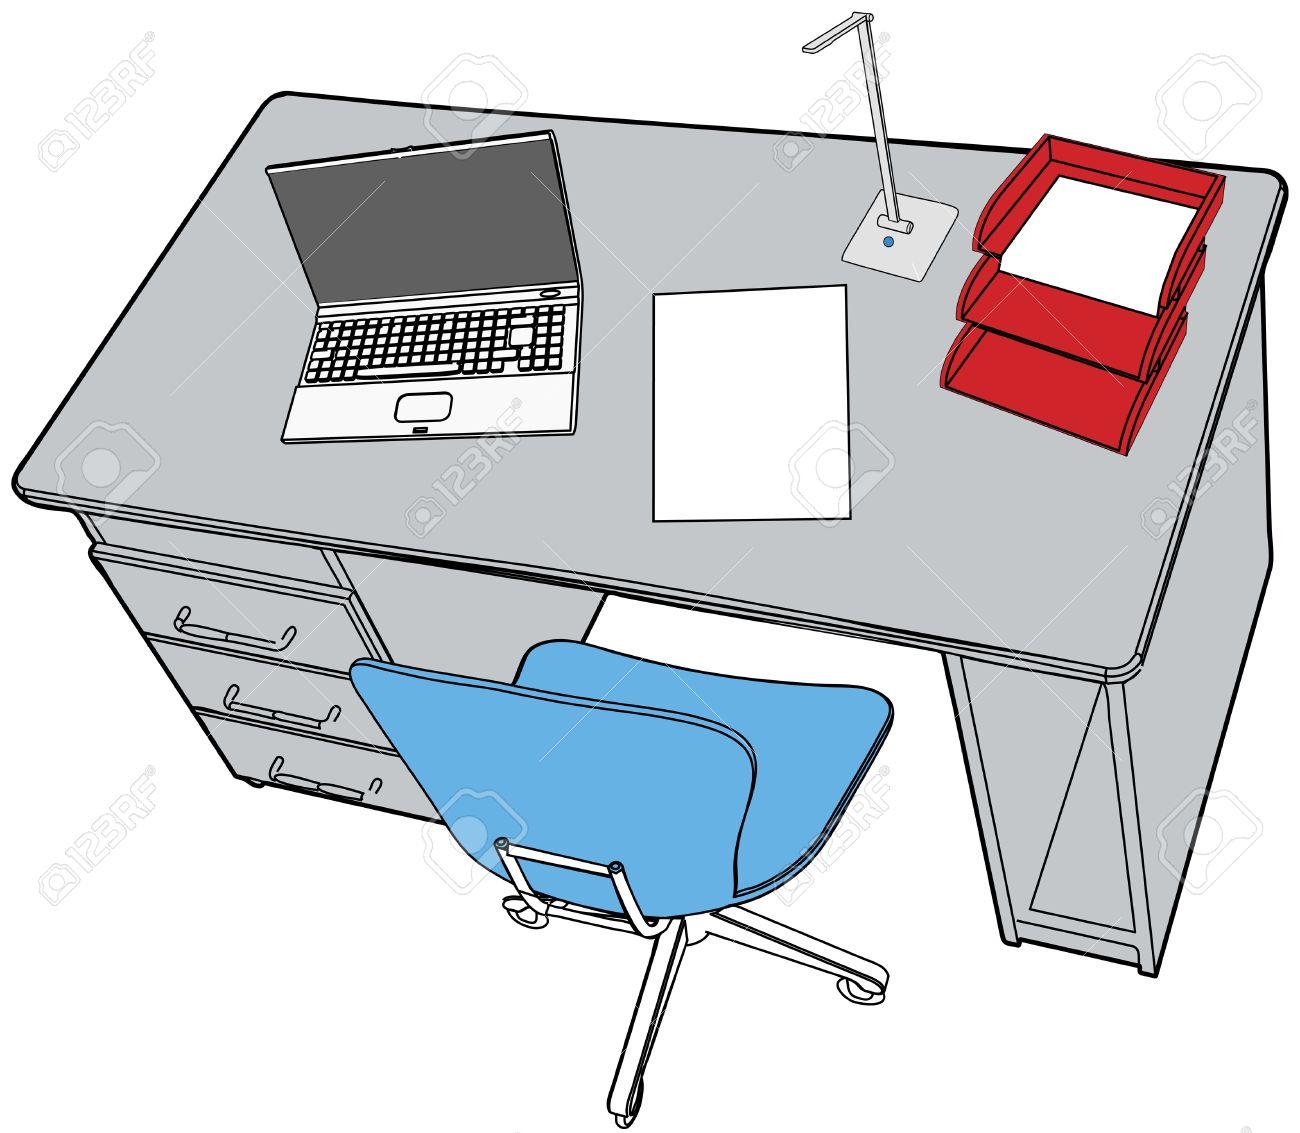 Dessin Au Trait De La Scne Soigne Avec Du Papier Bureau